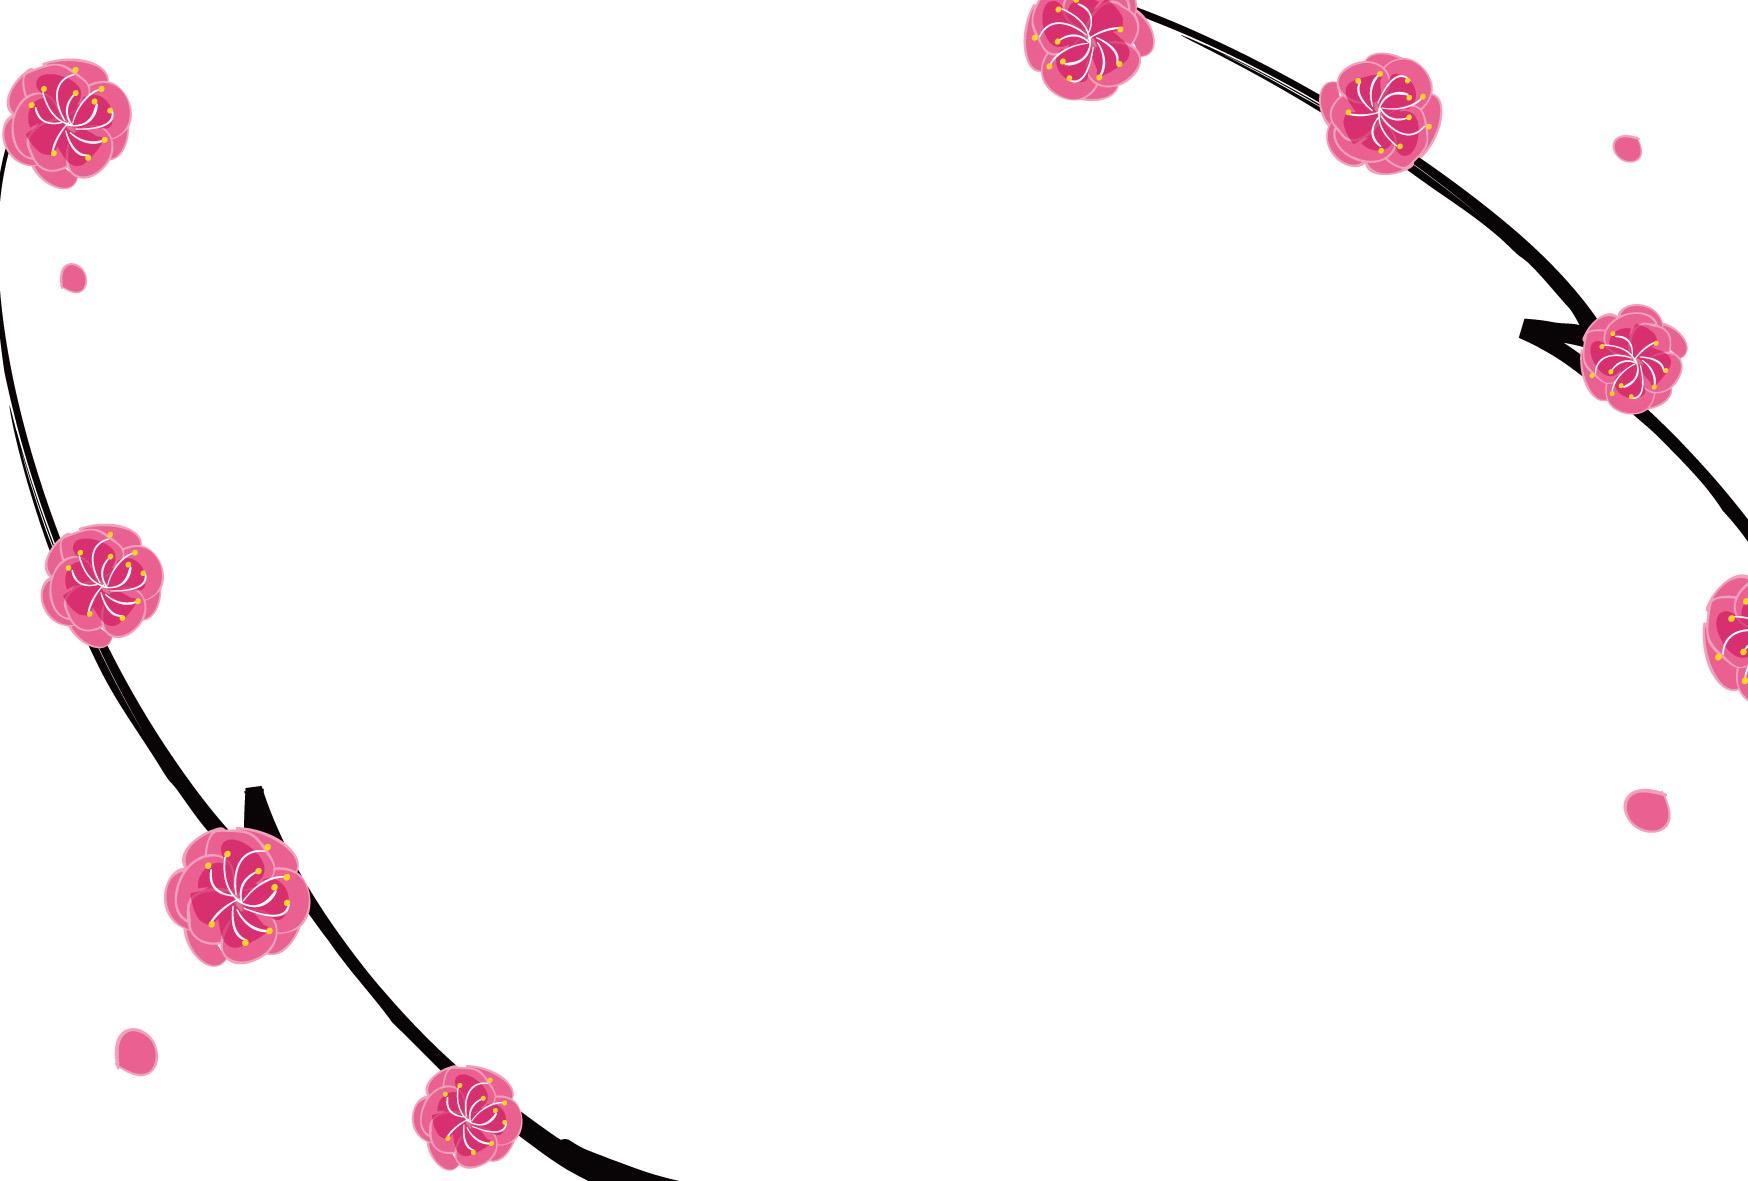 年賀状テンプレート「梅」ピンクの梅のフレームダウンロード|かわいい